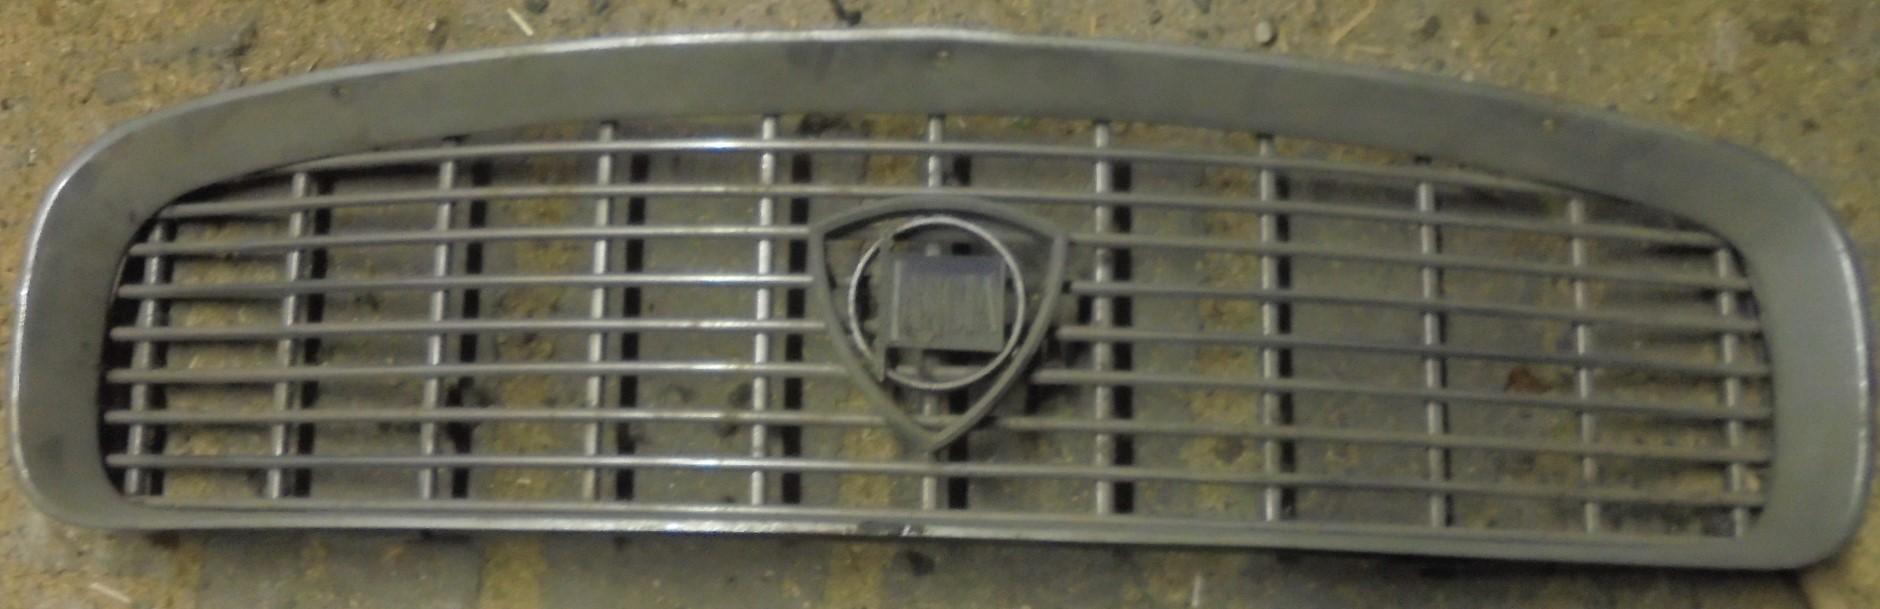 Lancia Flaminia Coupe Kühlergrill